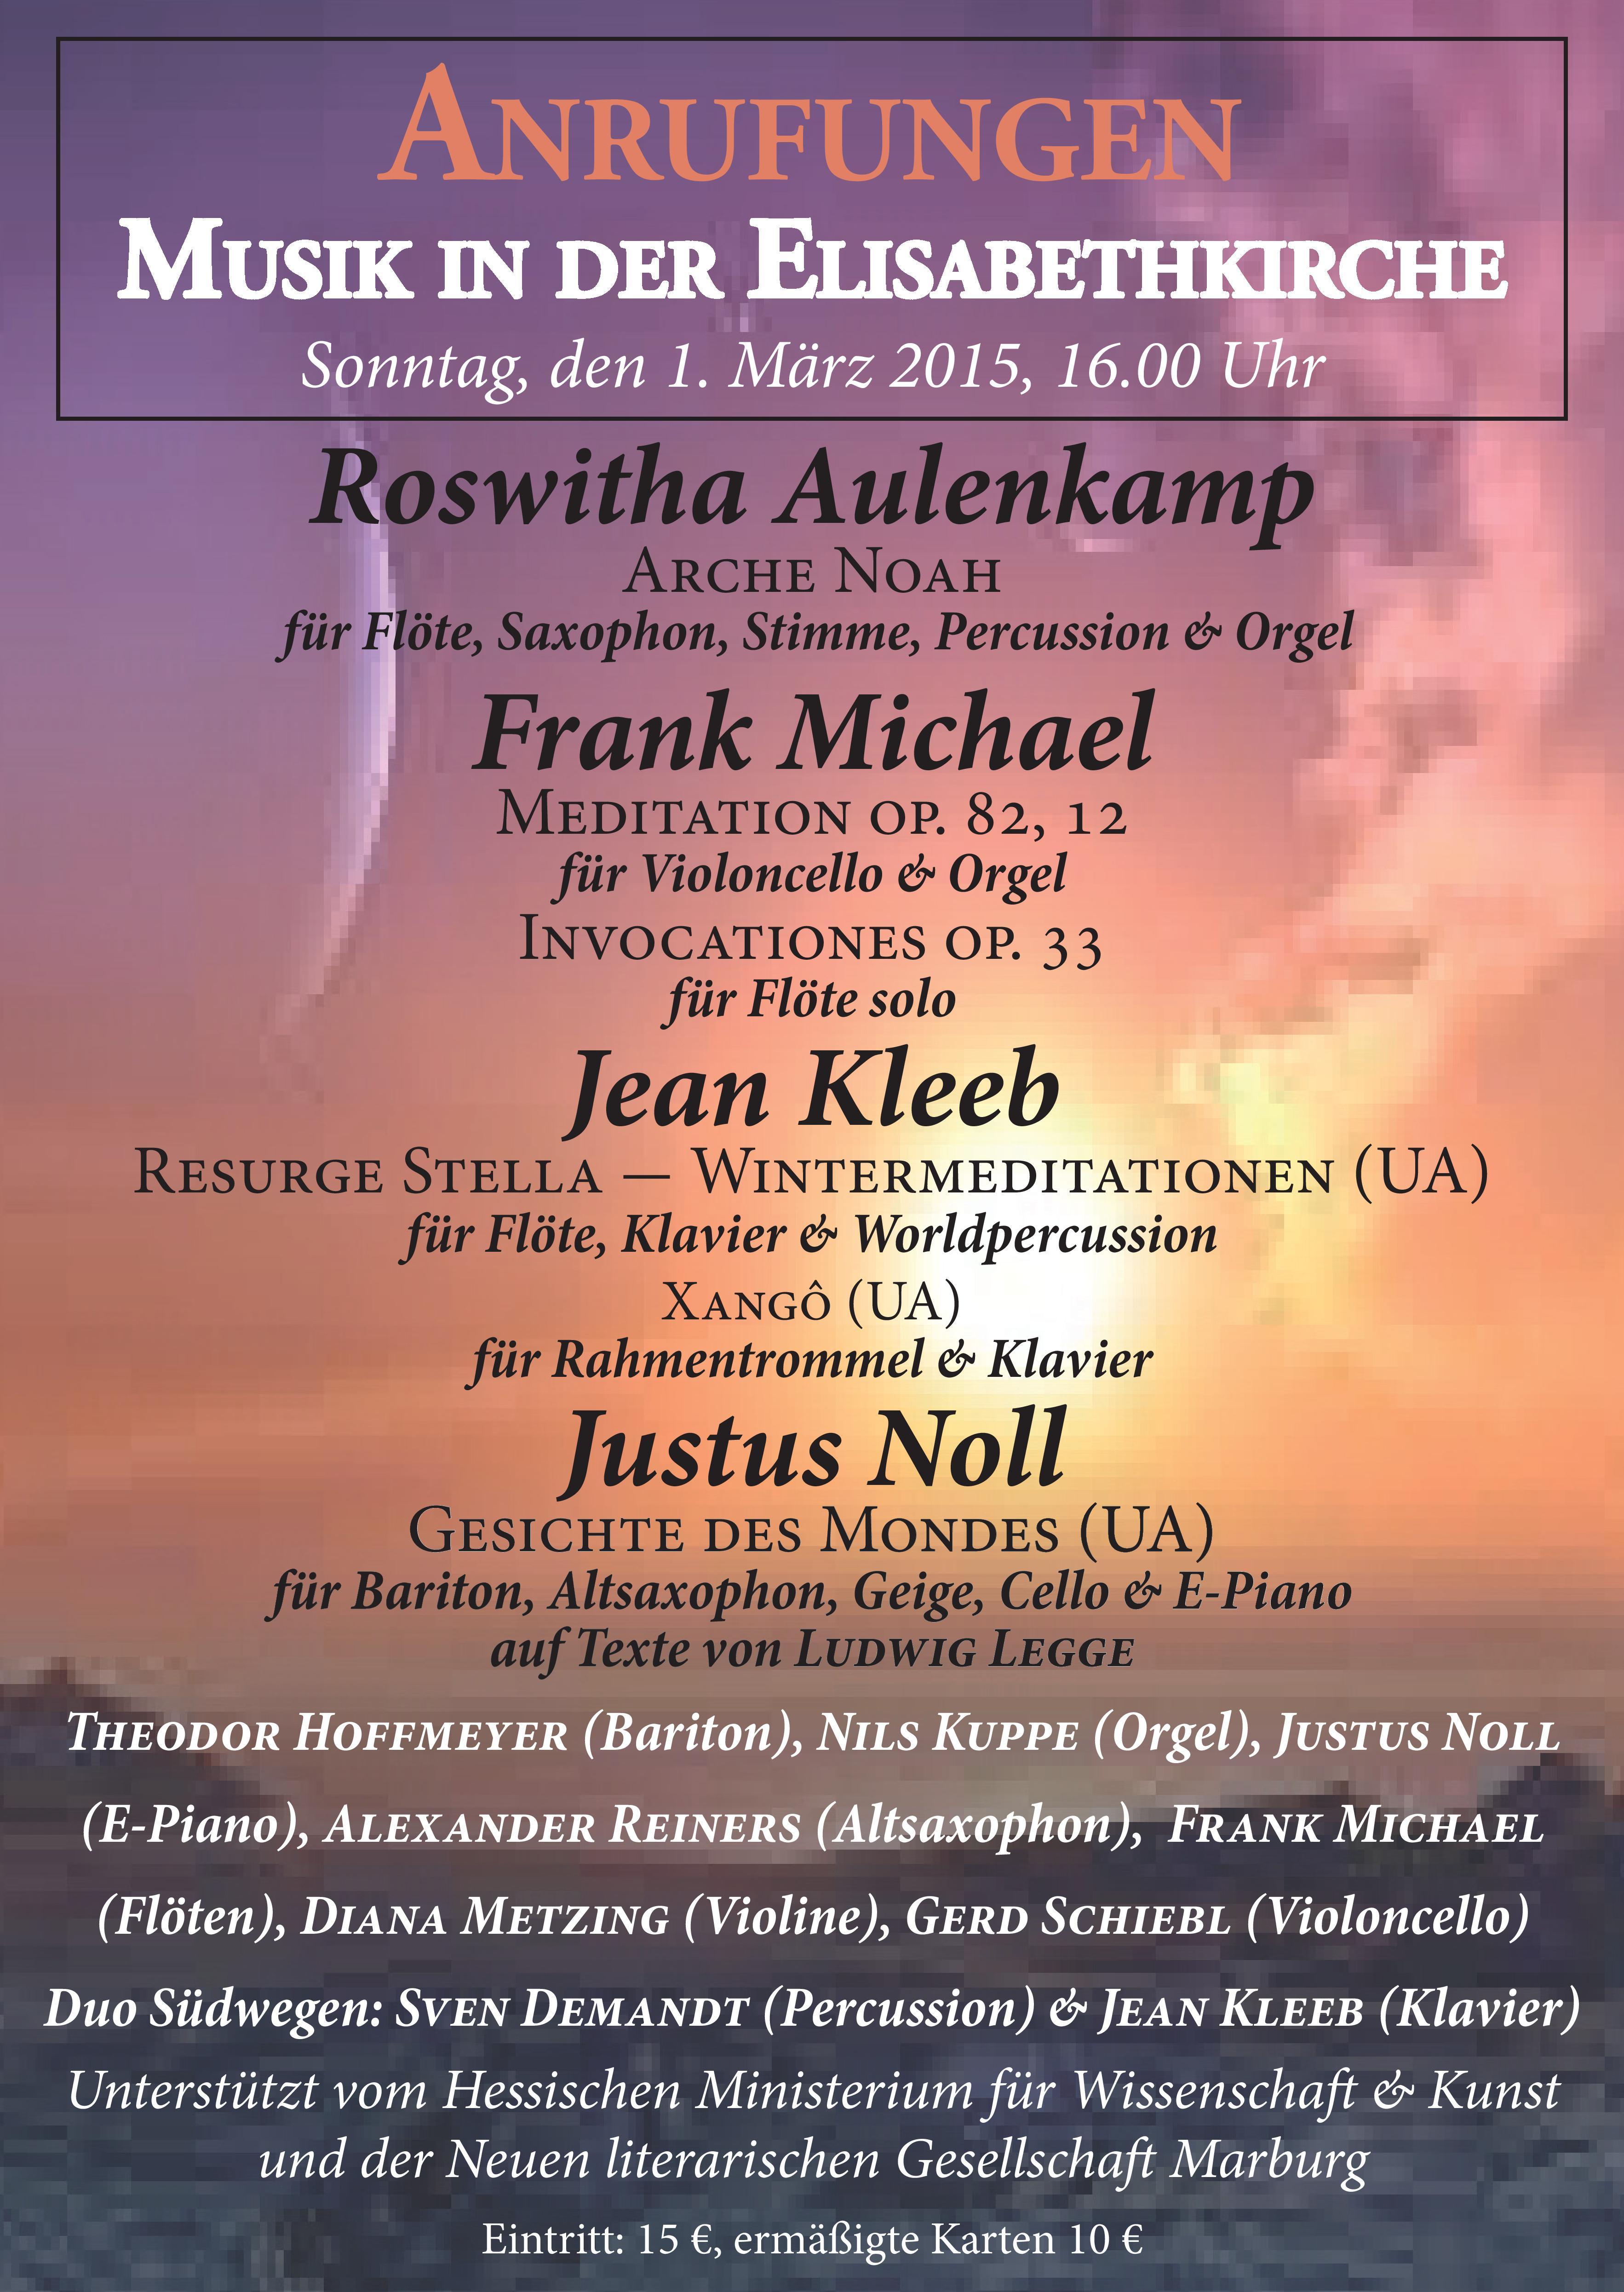 2015-01-11b PlakatA3 Anrufungen-page-001